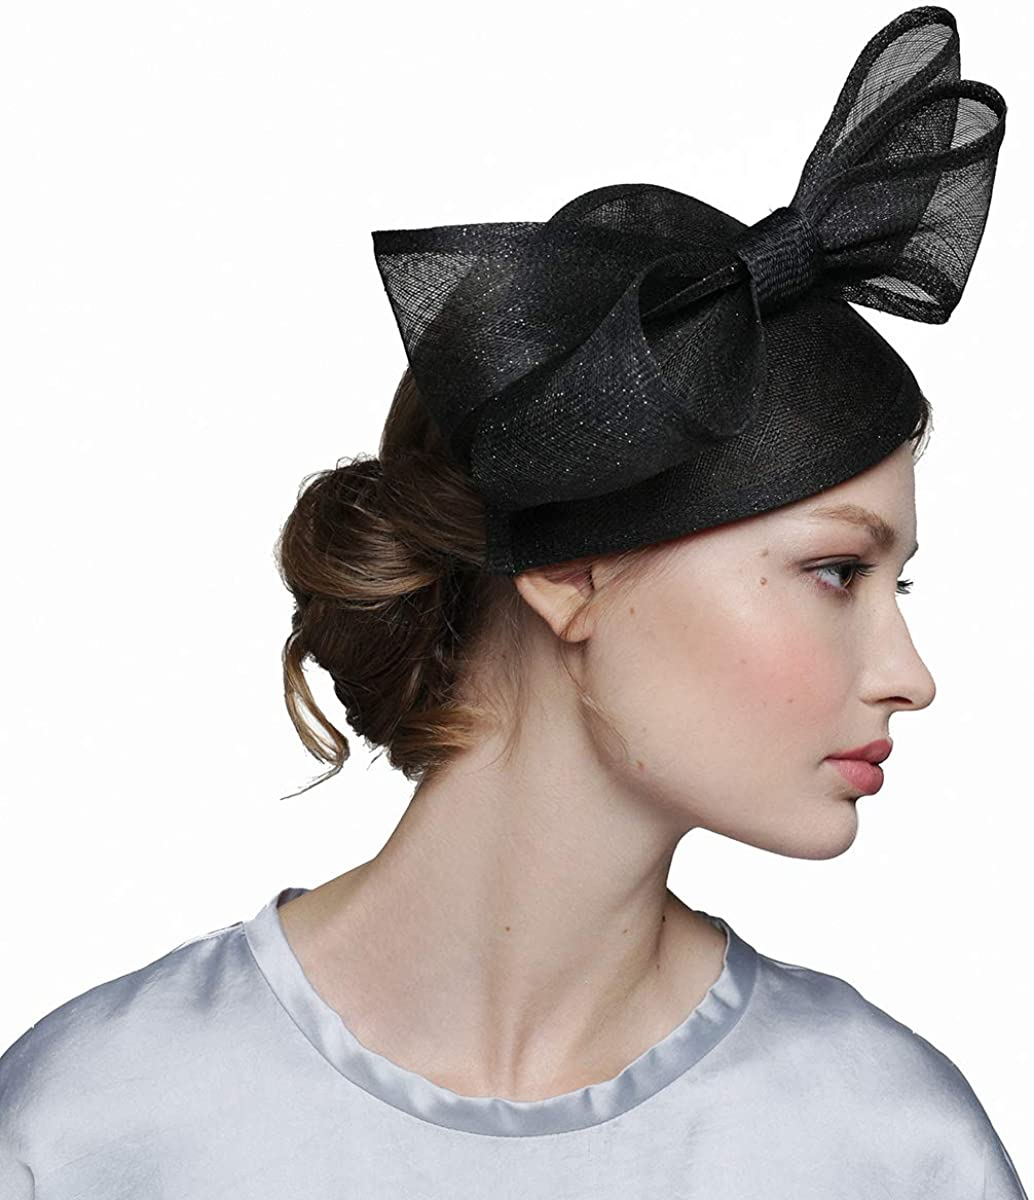 Black Silver Glitter Fascinators Hat for Women Tea Party Wedding Derby Headwear